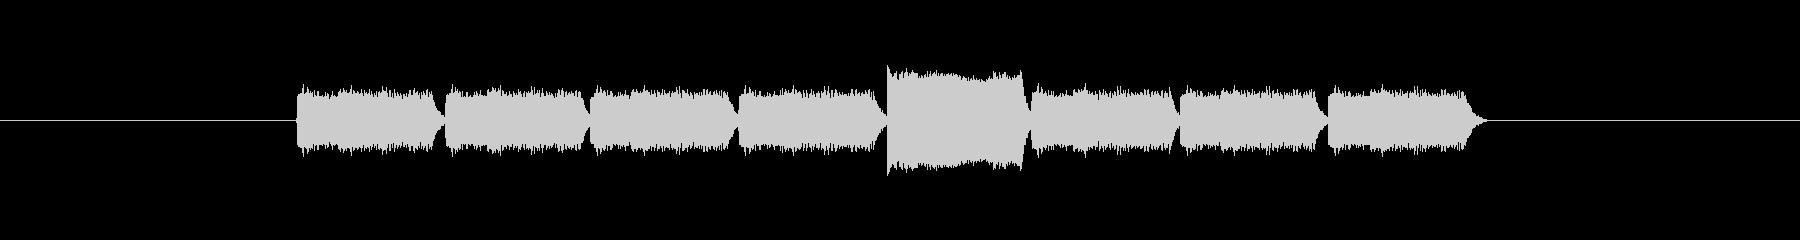 「9」を表す音のカウンターですの未再生の波形